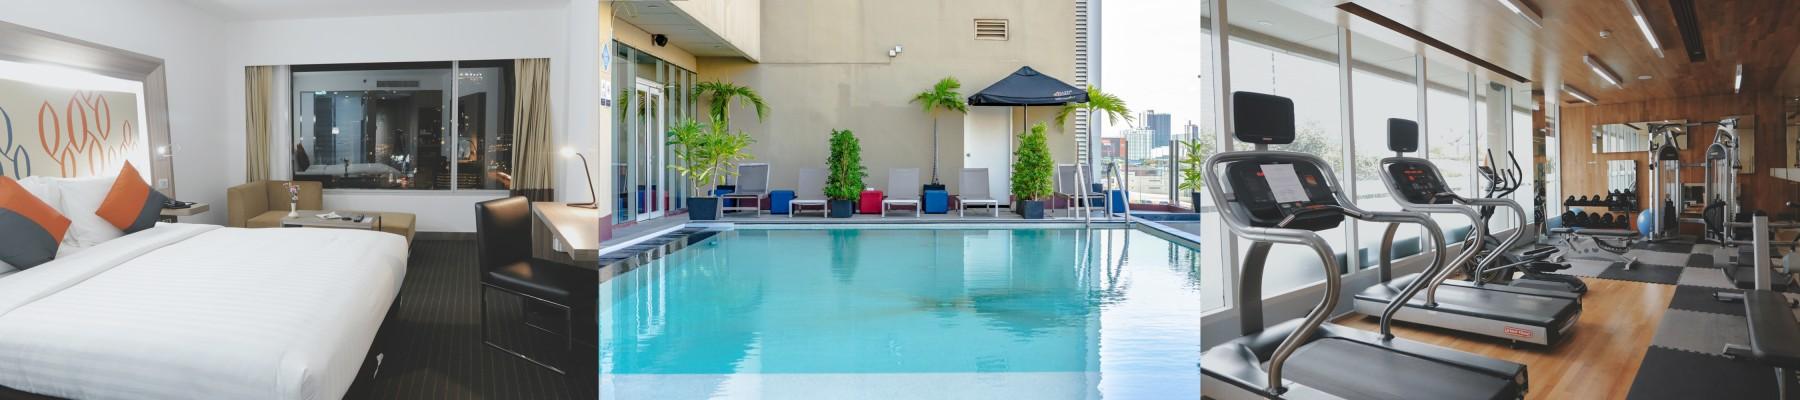 โรงแรมสำหรับช่วงเทศกาลสงกรานต์